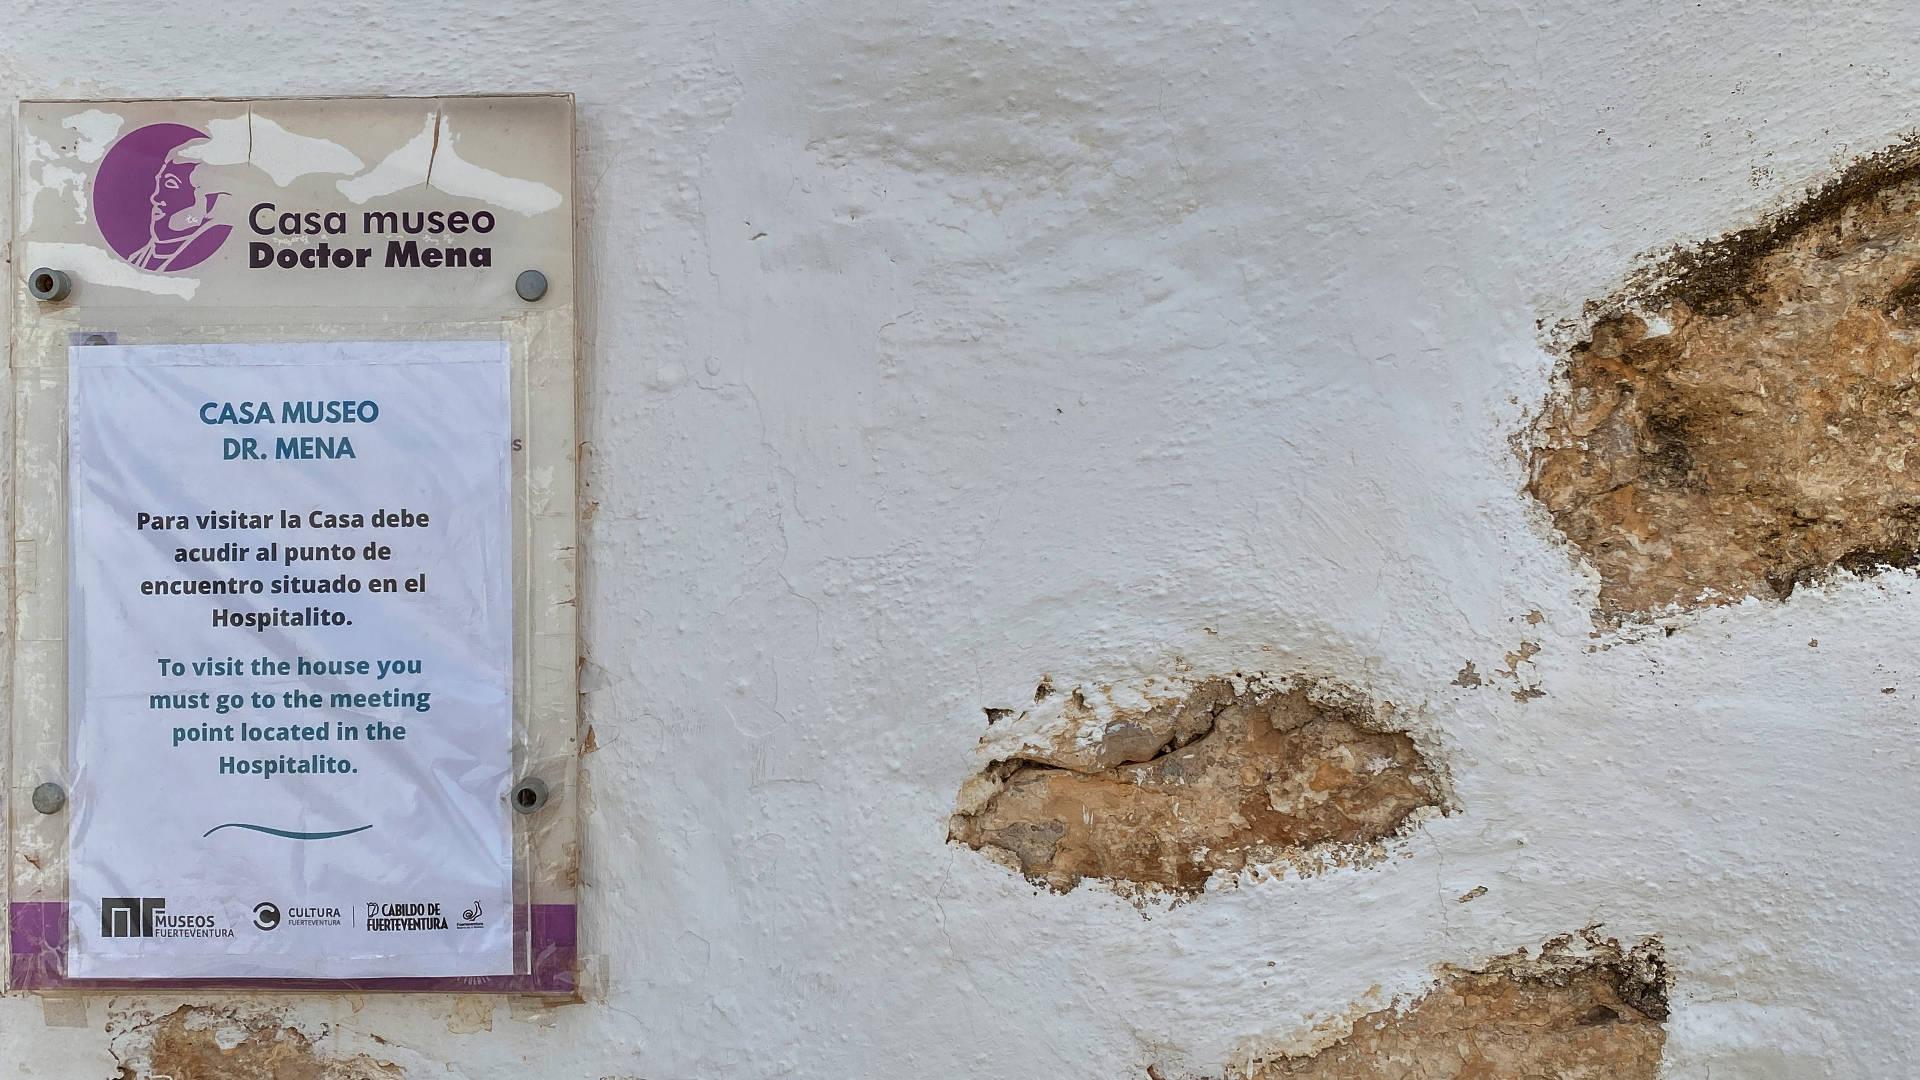 Besuch der Casa Doctor Tomás Mesa y Mena in La Ampuyenta Fuerteventura.